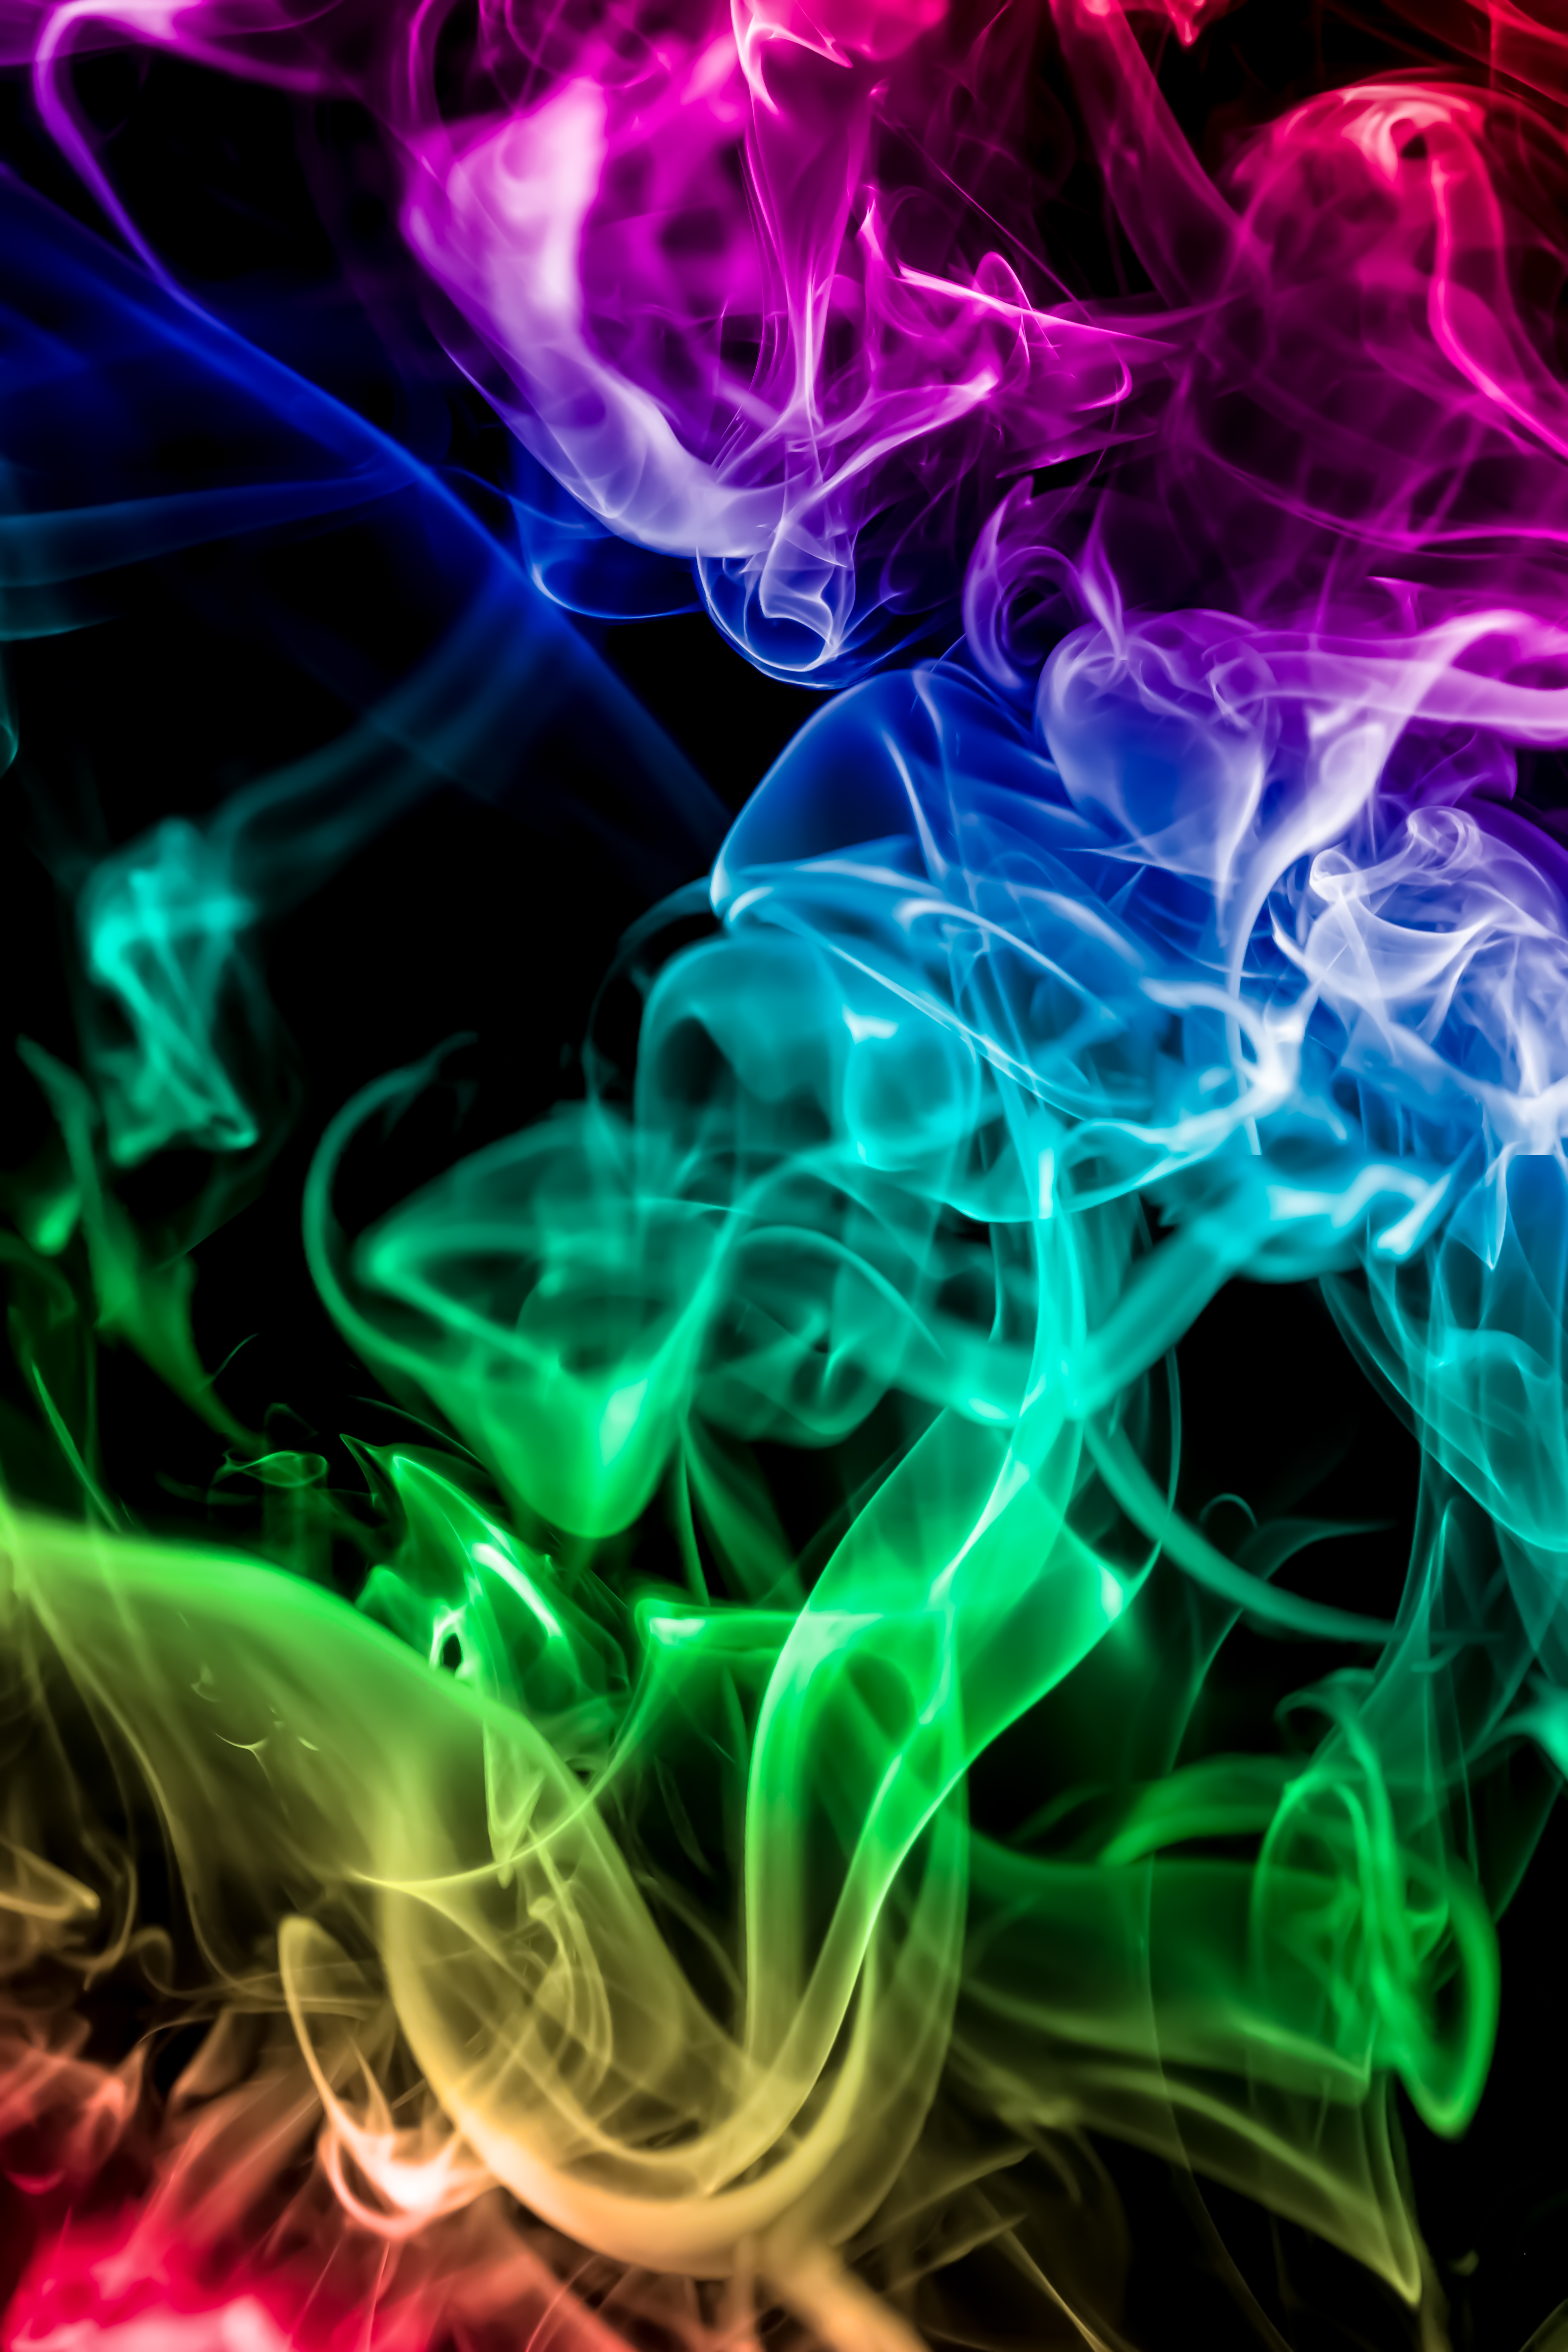 153441 скачать обои Радуга, Абстракция, Дым, Разноцветный, Темный, Цветной Дым - заставки и картинки бесплатно